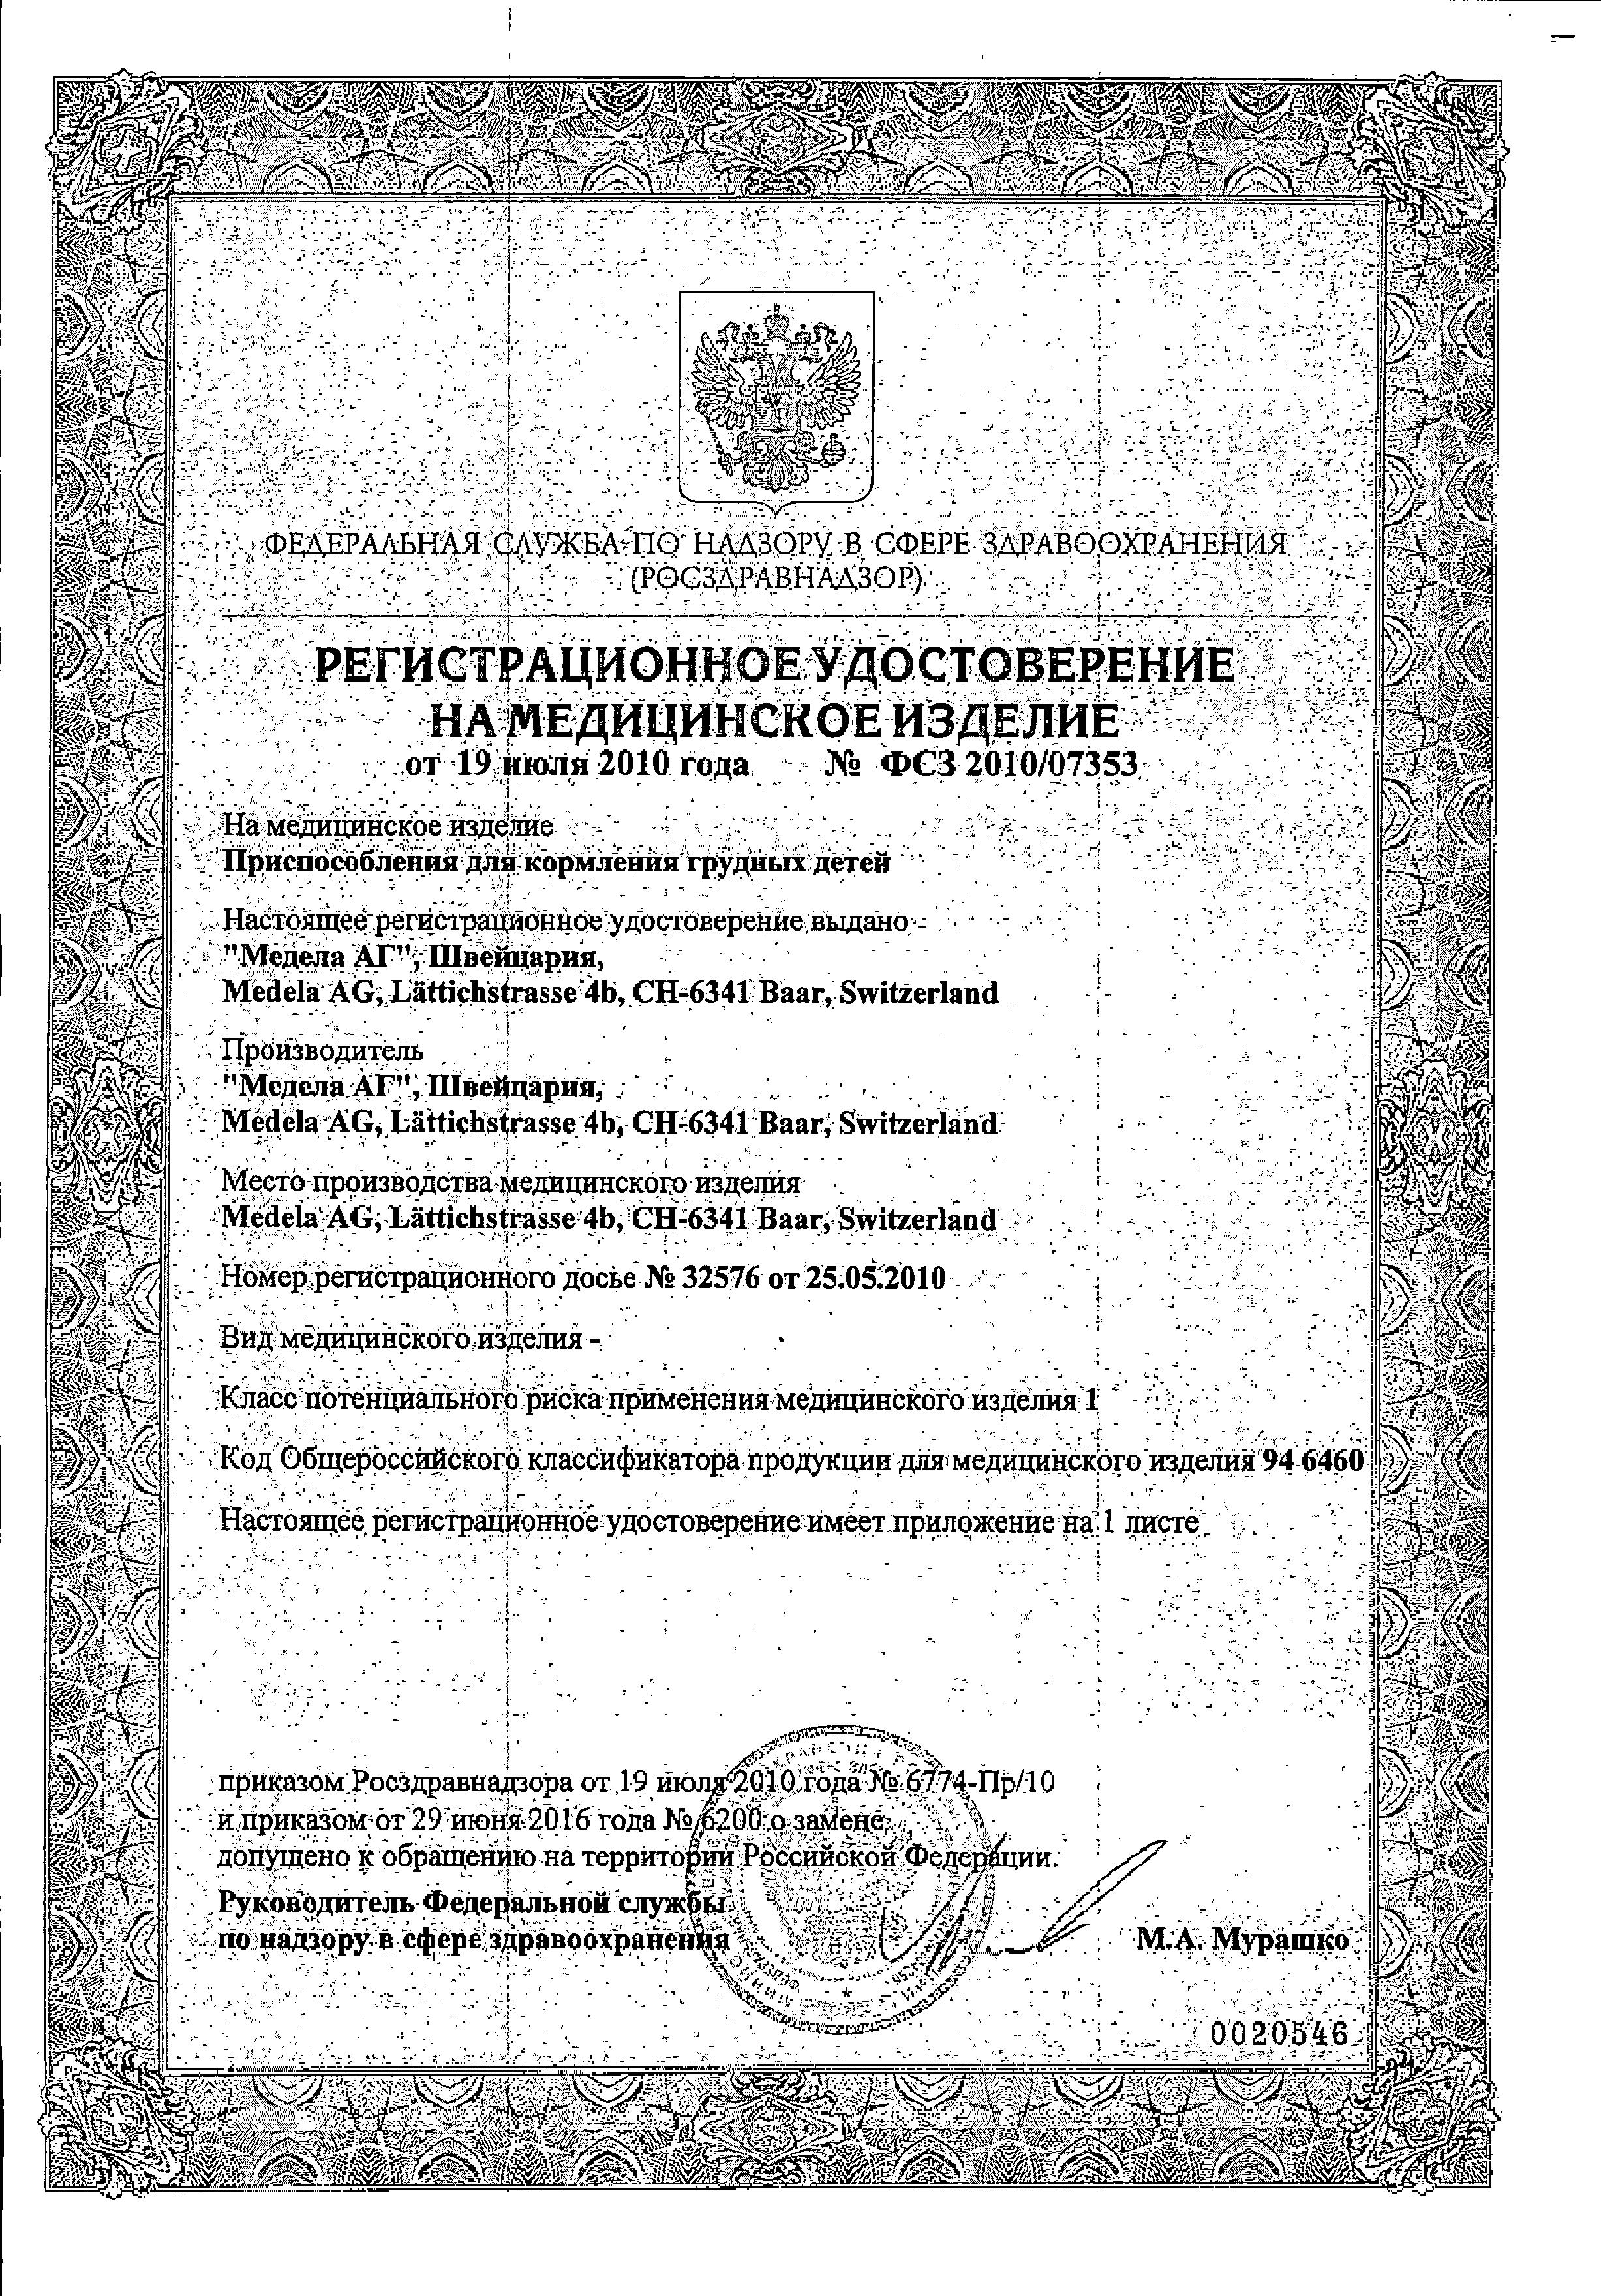 Поильник Мягкая ложечка SoftCup Медела сертификат